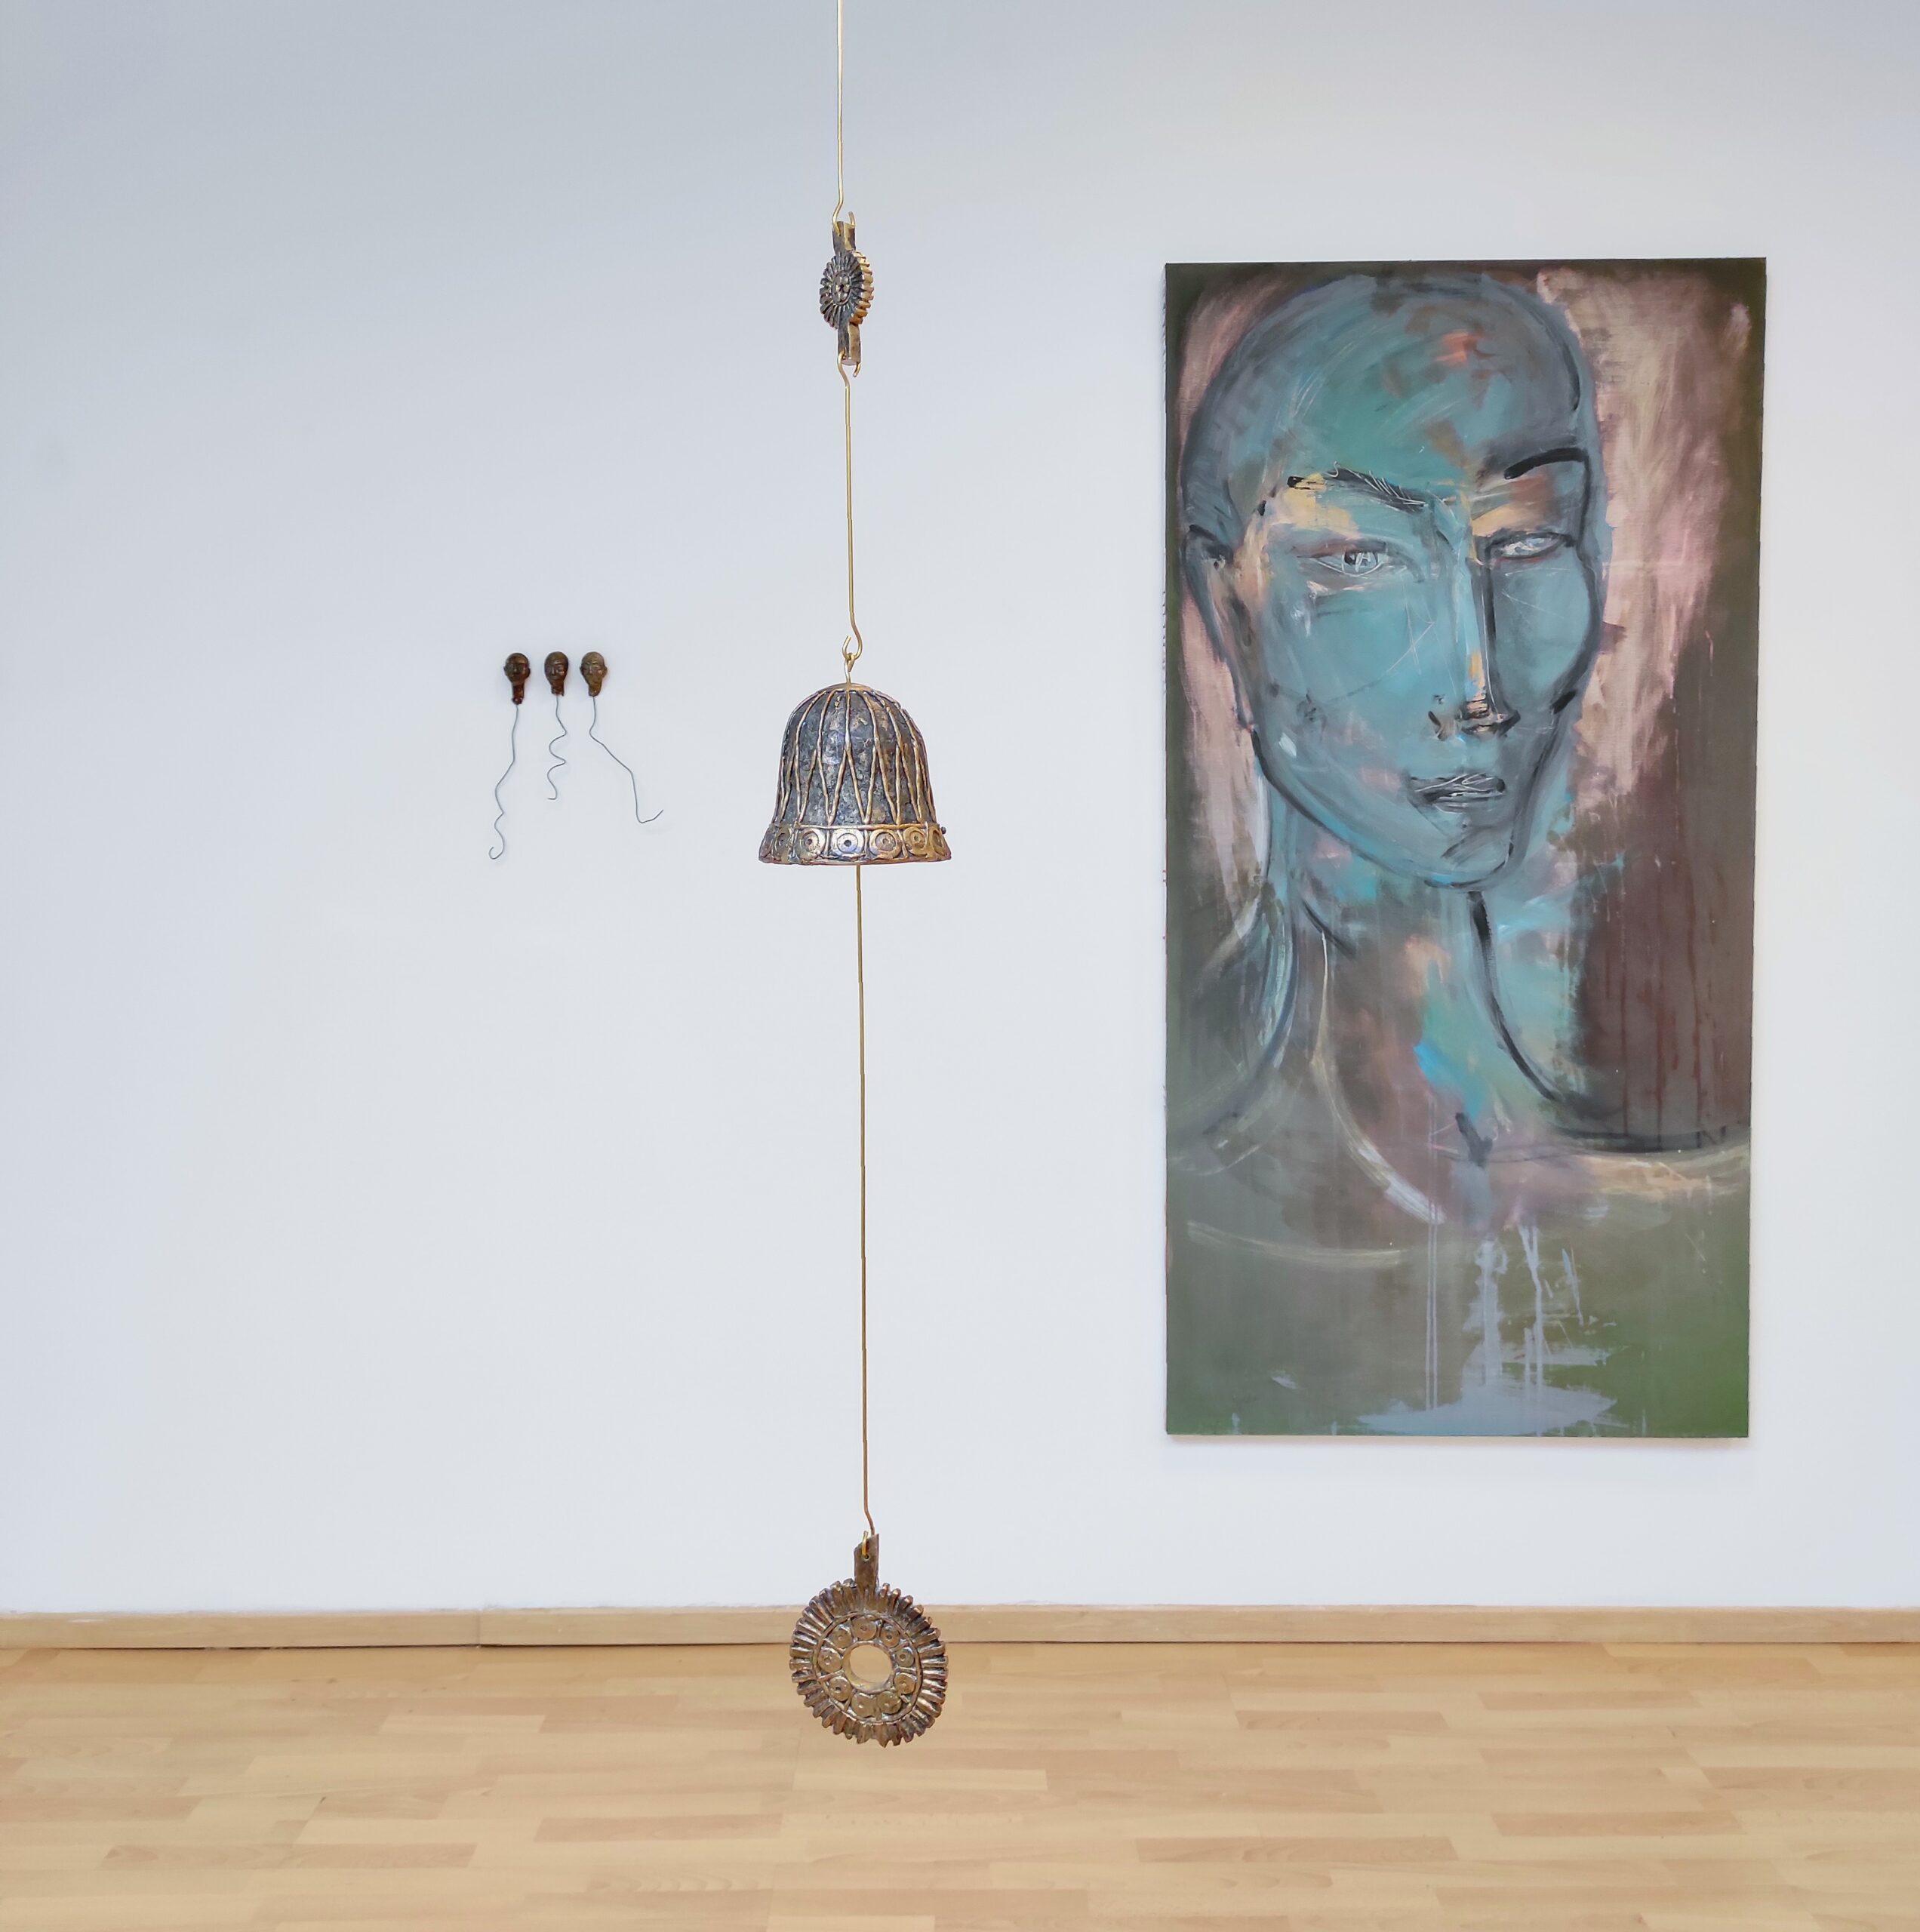 Unspoken_Words_Francesco_Maria_Gamba_Ares_Contemporary_Atelier_Viandanti